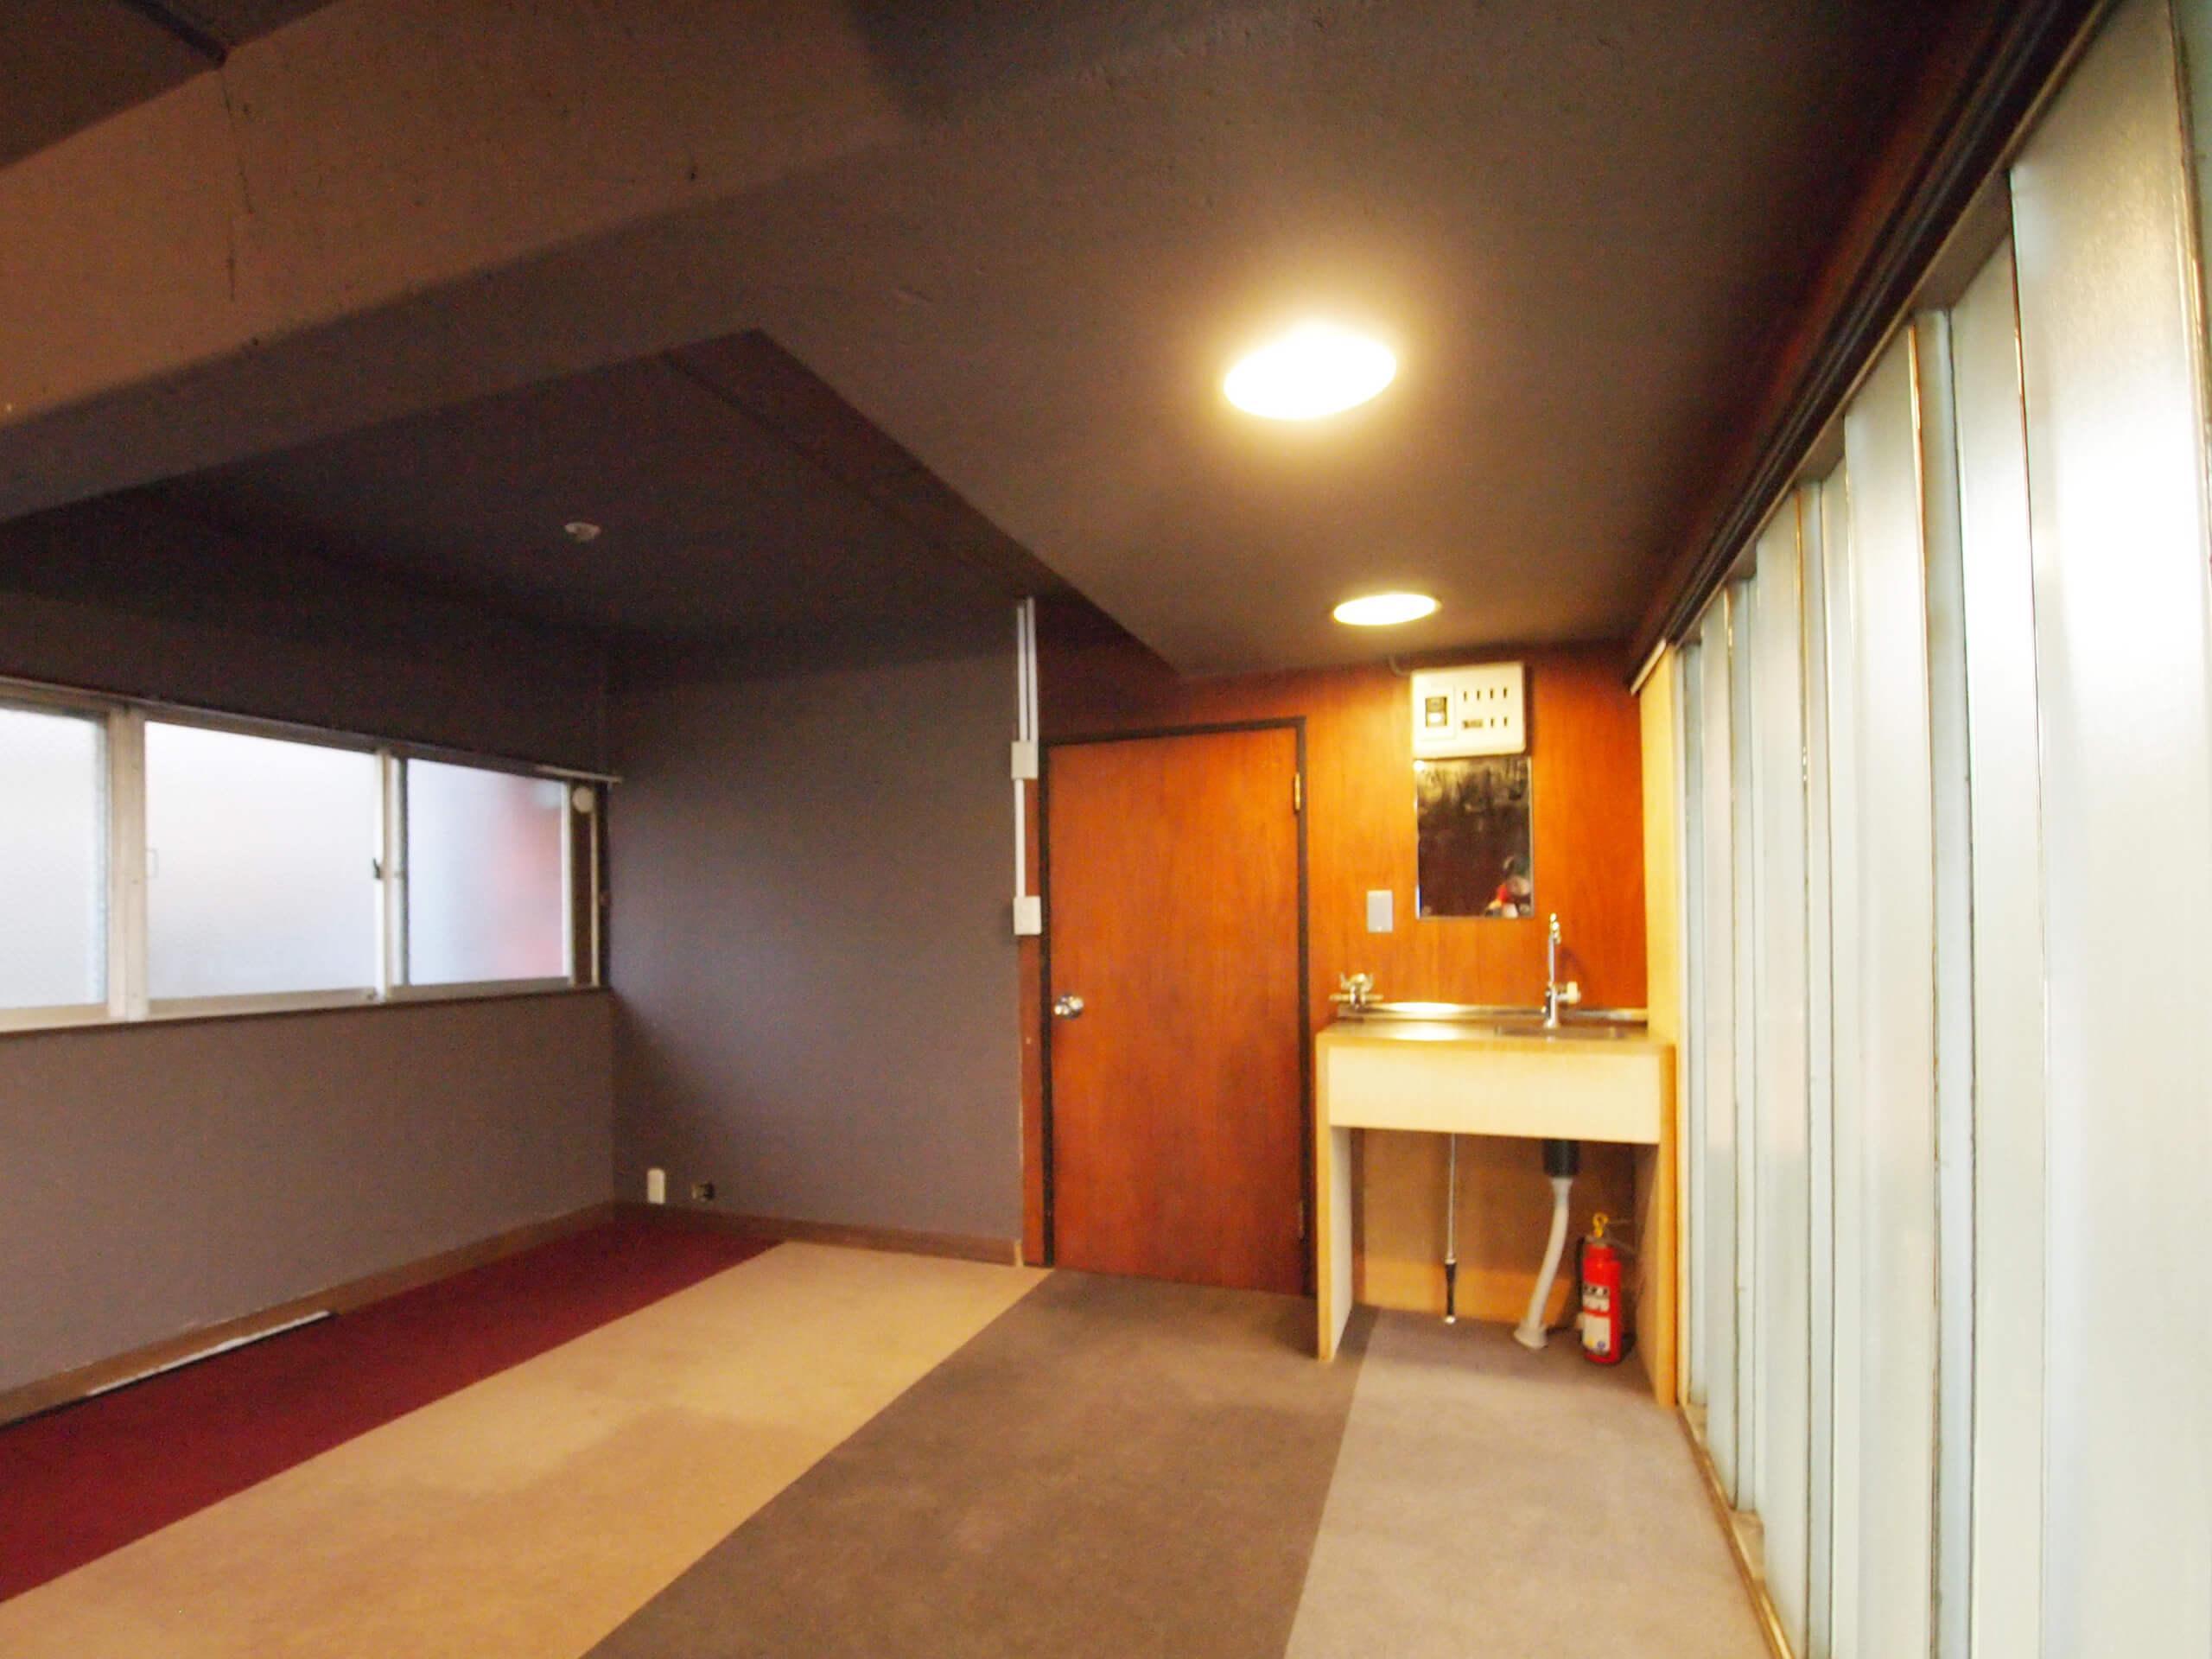 【洋室1】玄関入って右手にあり、他の部屋とは動線がわかれている面白い空間。床はカーペット、壁はグレーに塗られ、ちいさな流しがついている。